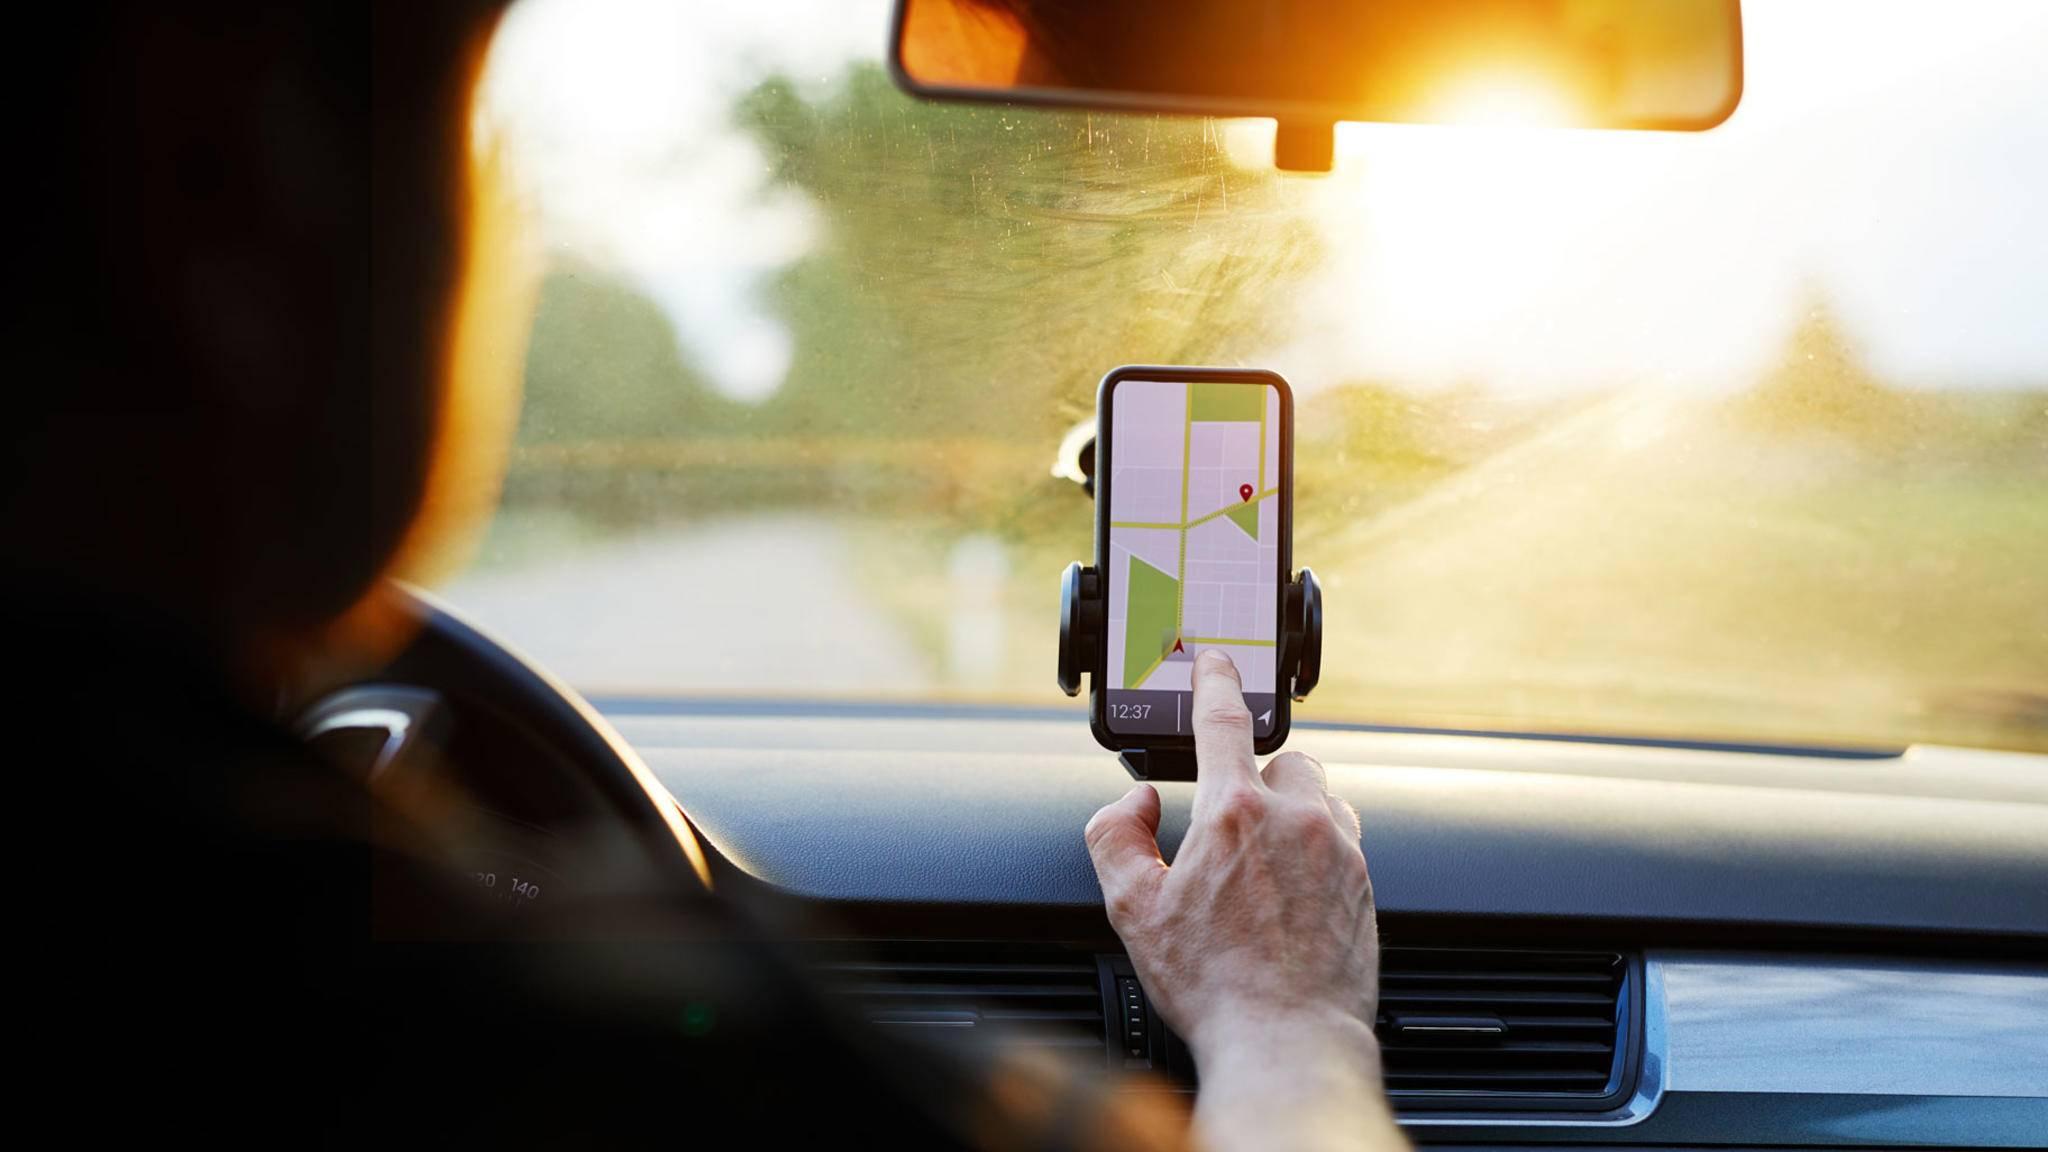 Soll das iPhone während der Fahrt als Navi dienen, benötigst Du eine ordentliche Halterung.